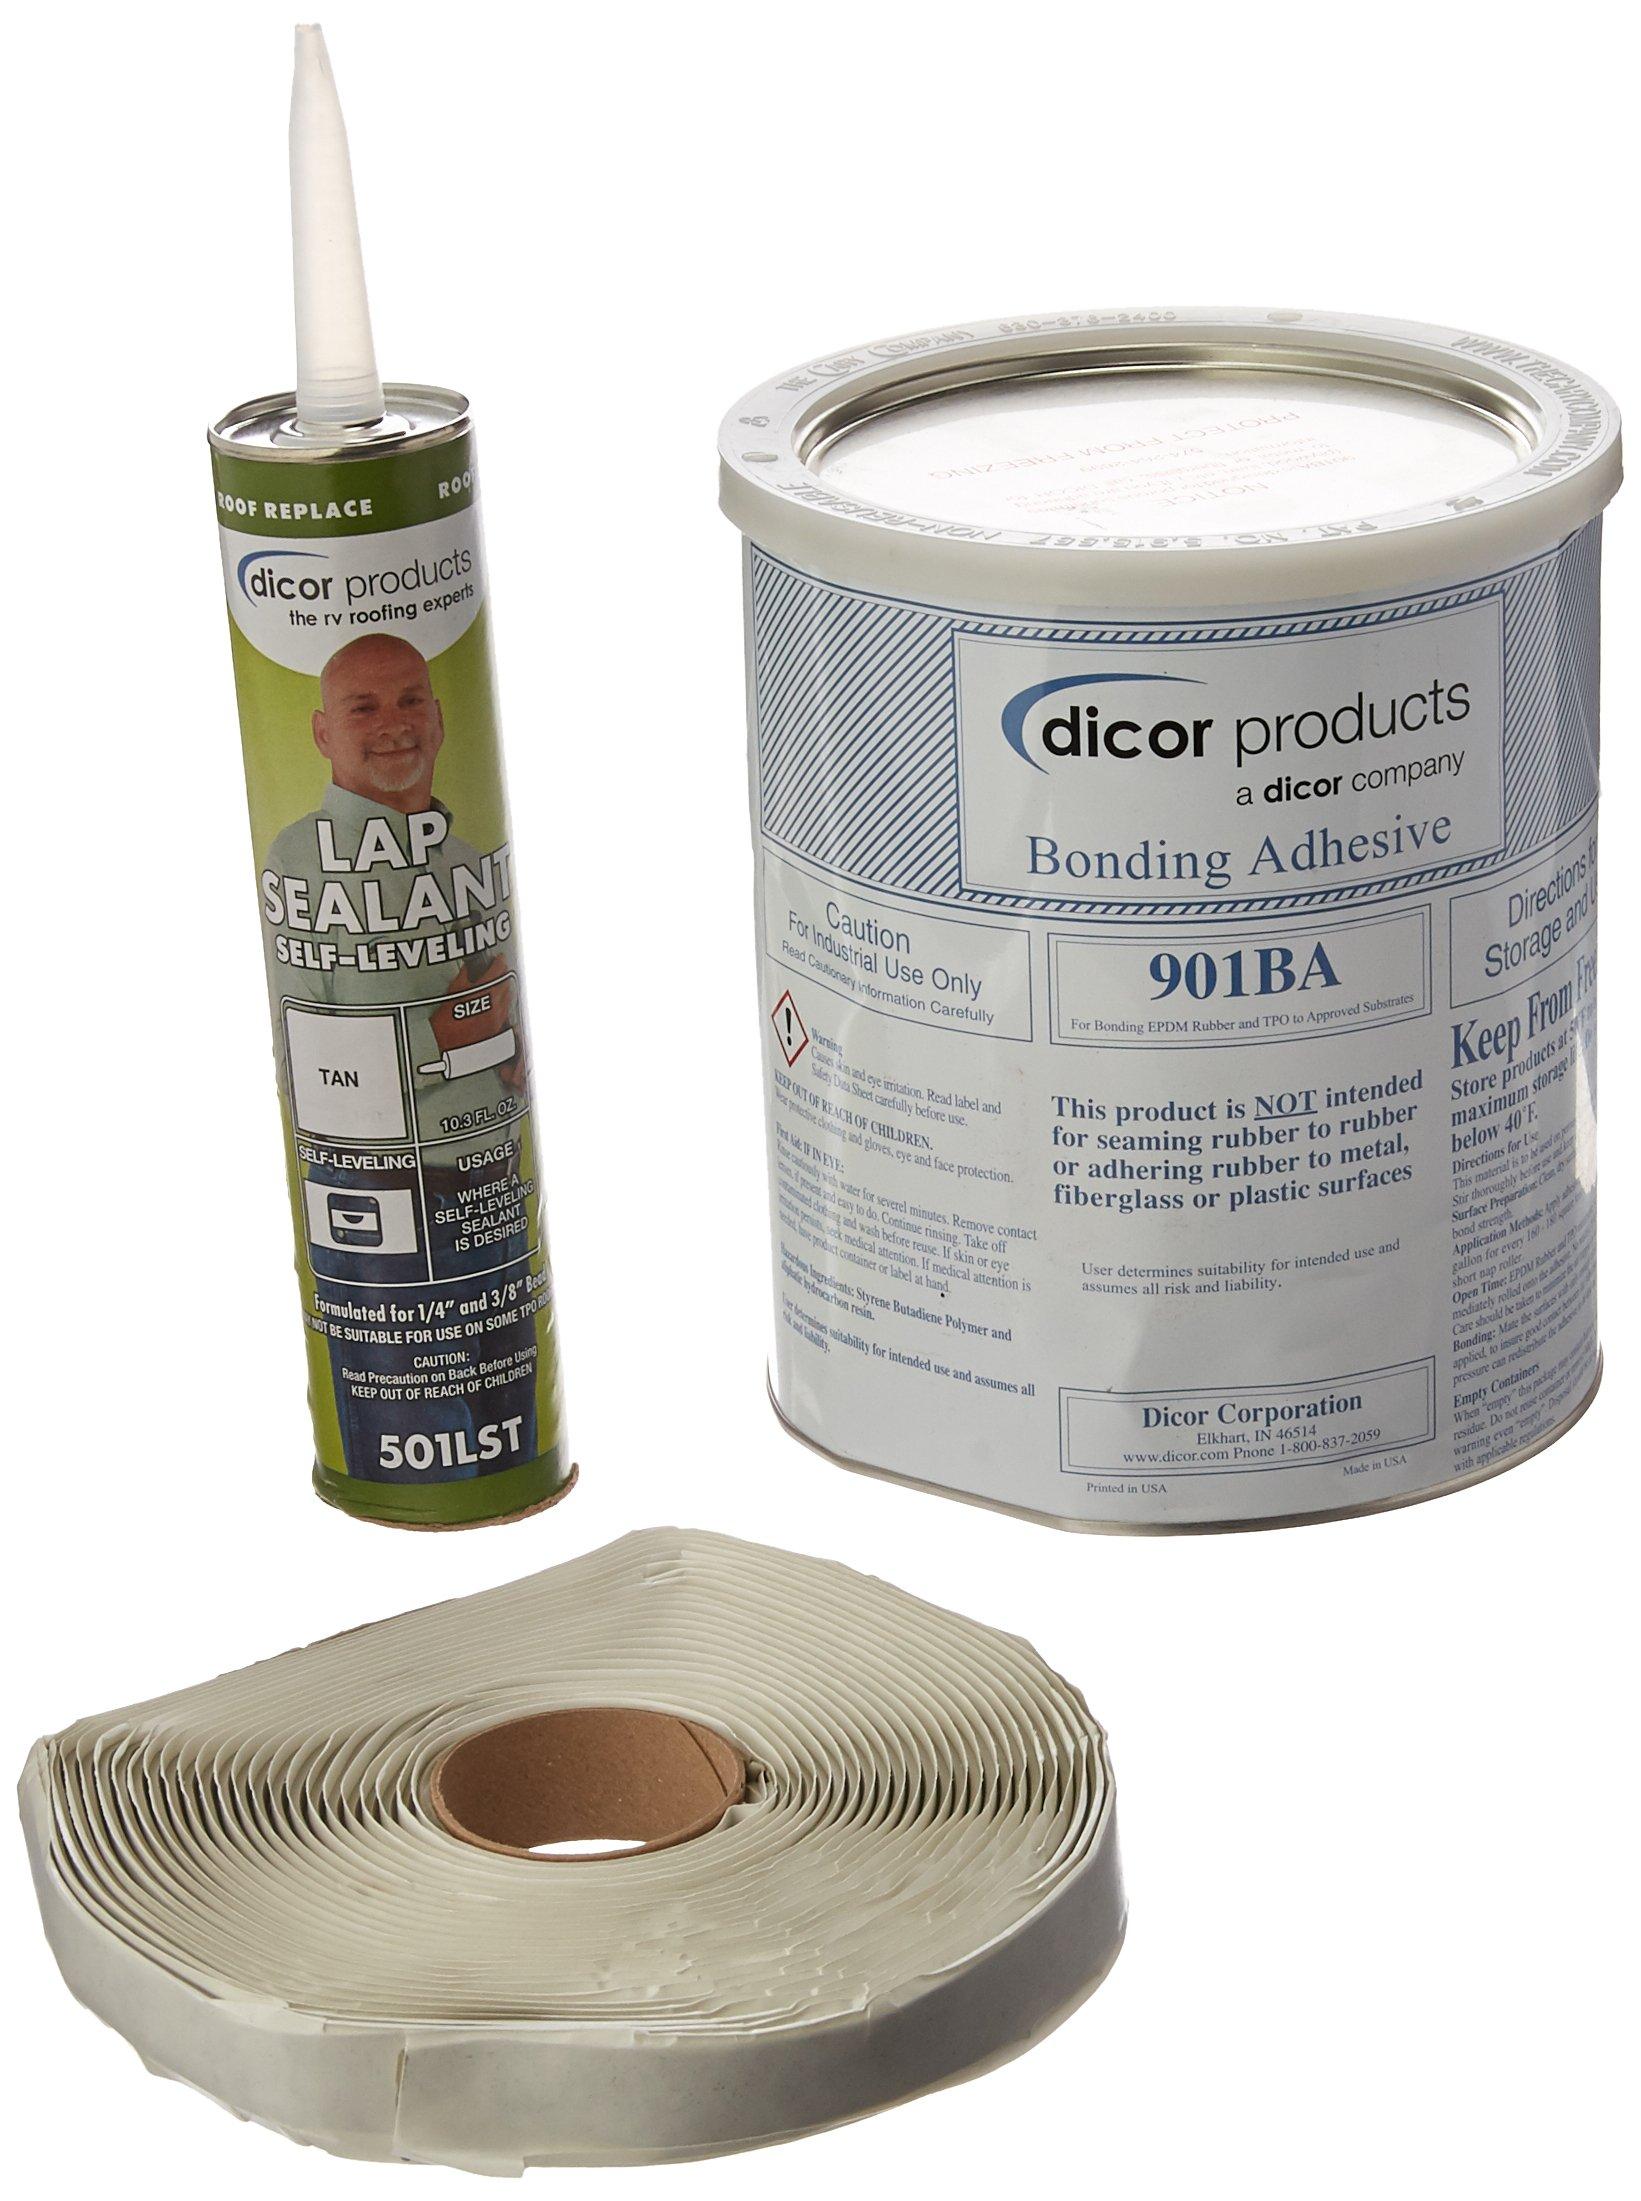 Dicor 401CK-T Rubber Roof Kit